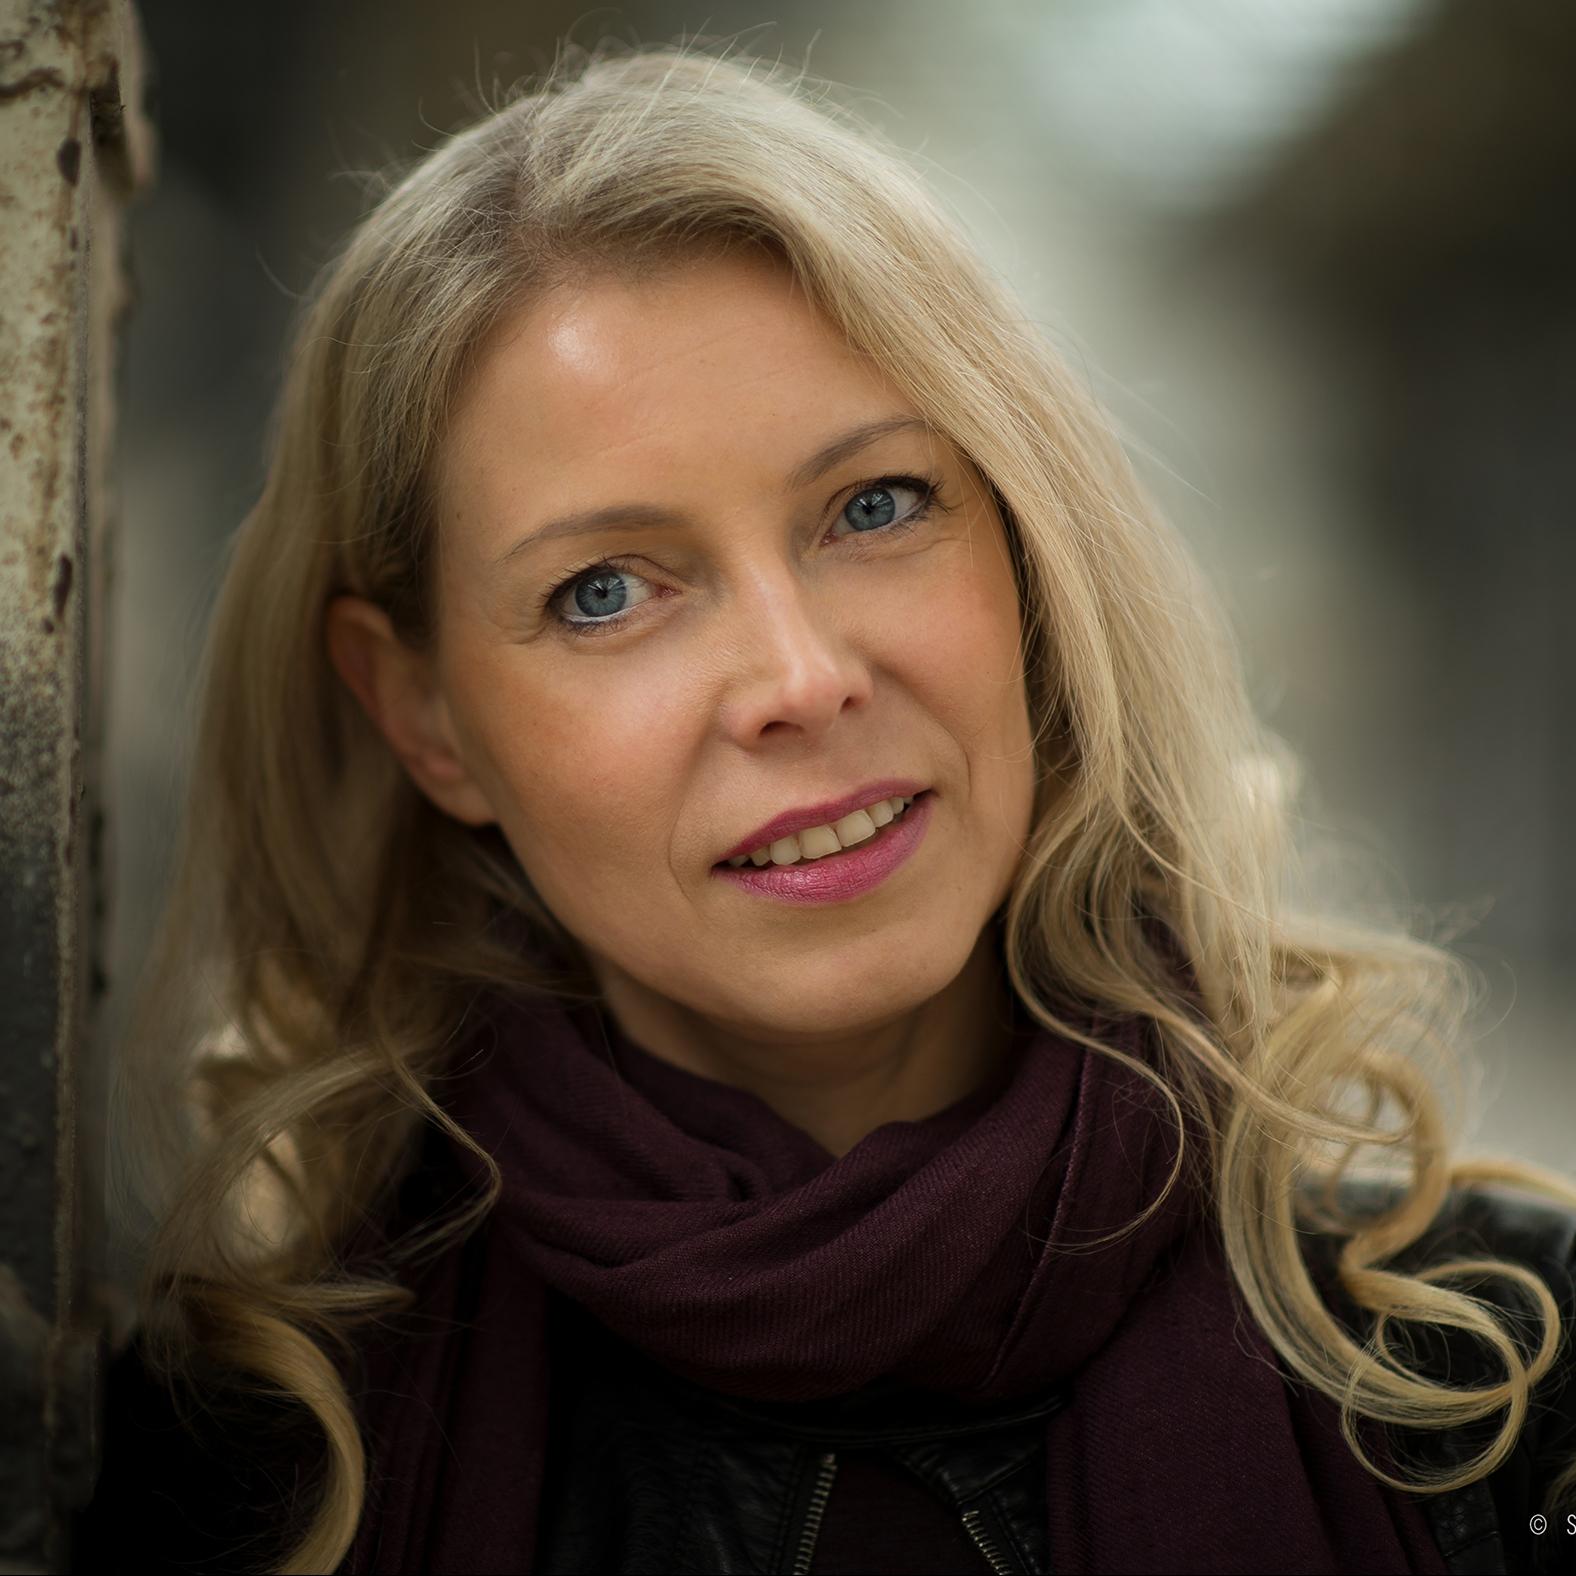 Anett Simmen, Regie, Choreographie und künstlerische Leiterin der Company VoLA